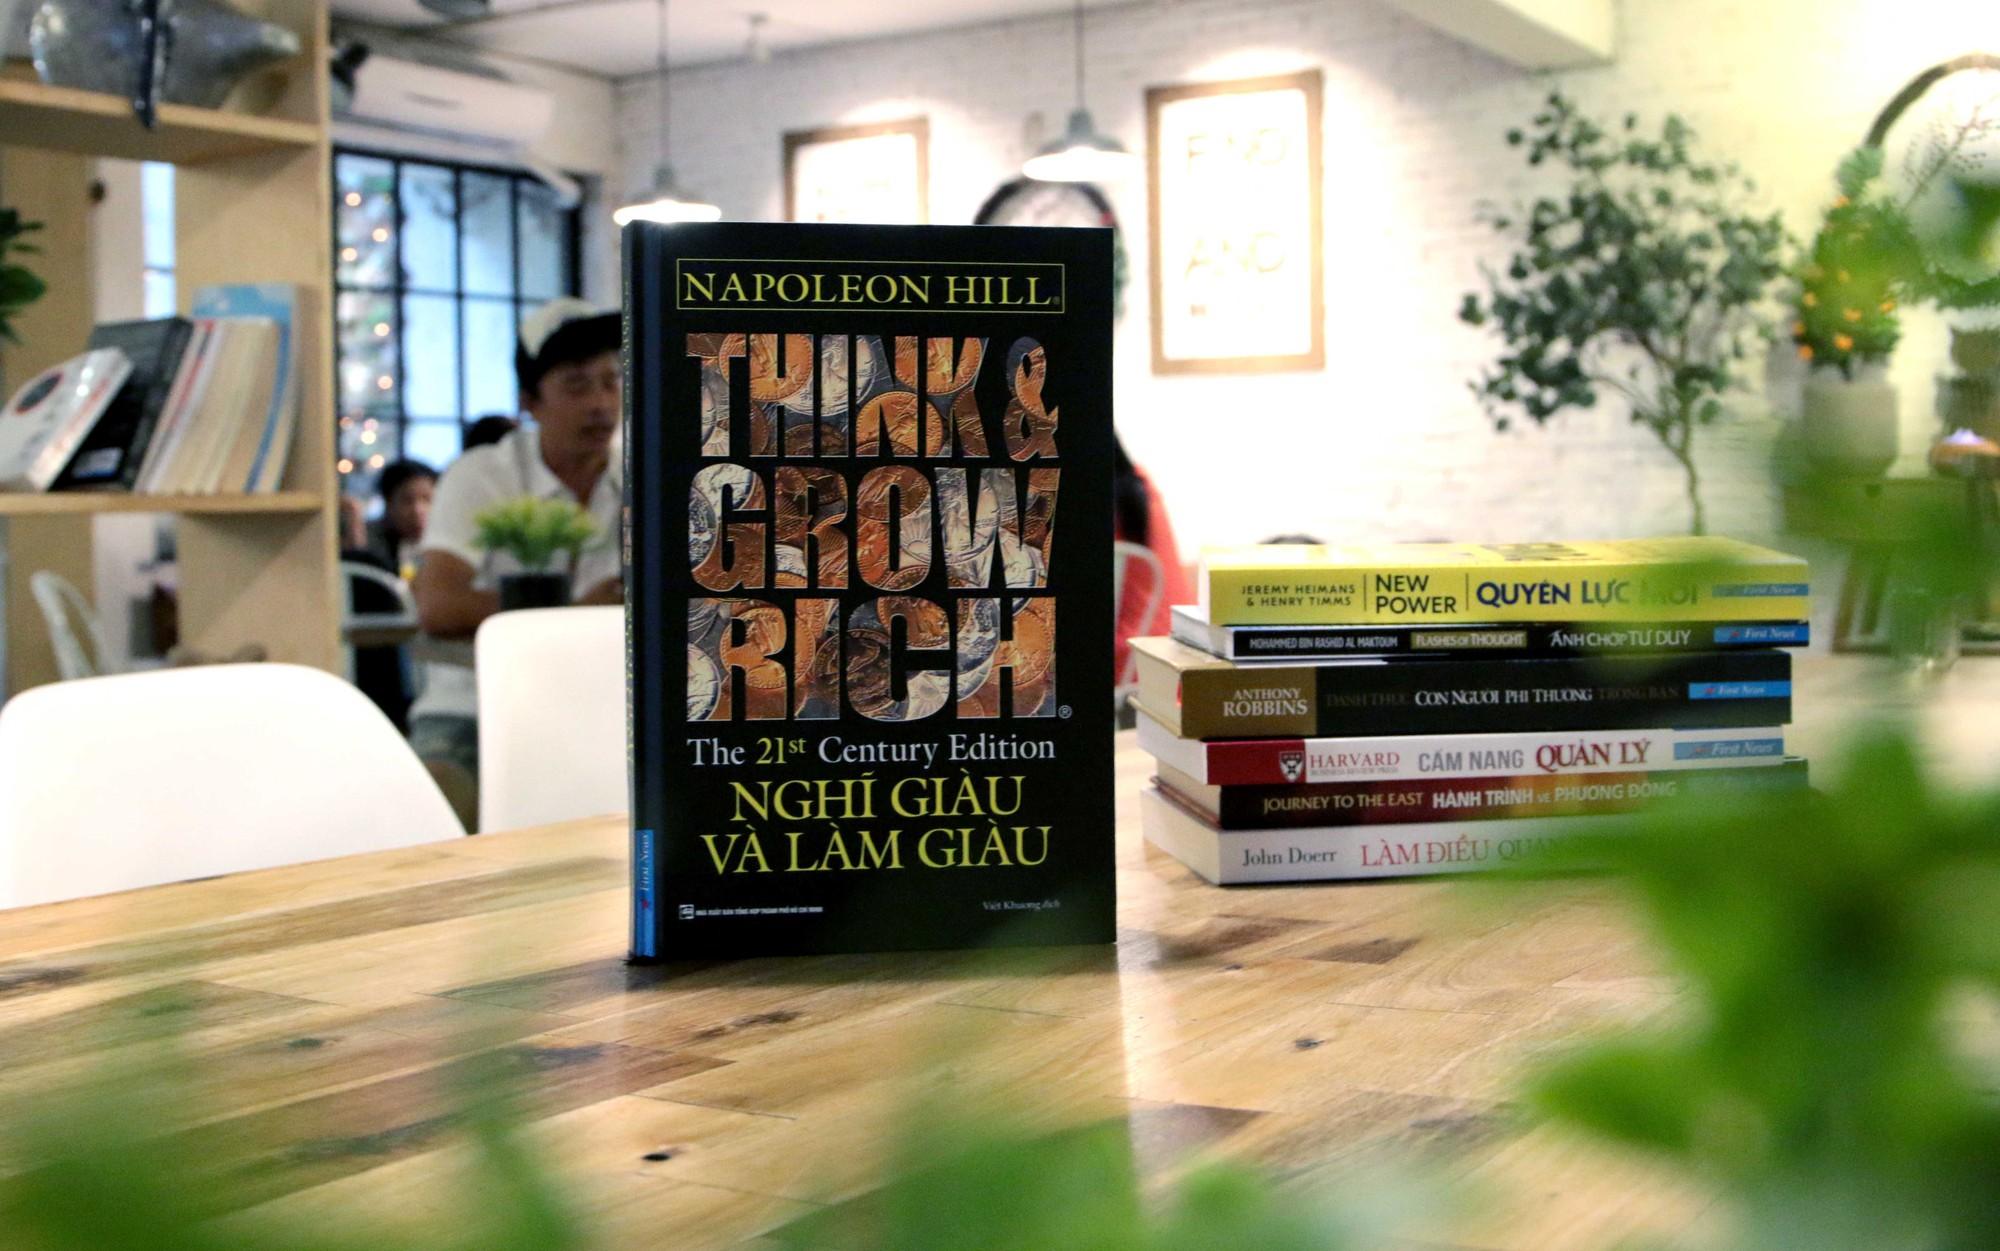 10 cuốn sách giá trị bất cứ doanh nhân nào cũng cần đọc - Ảnh 3.